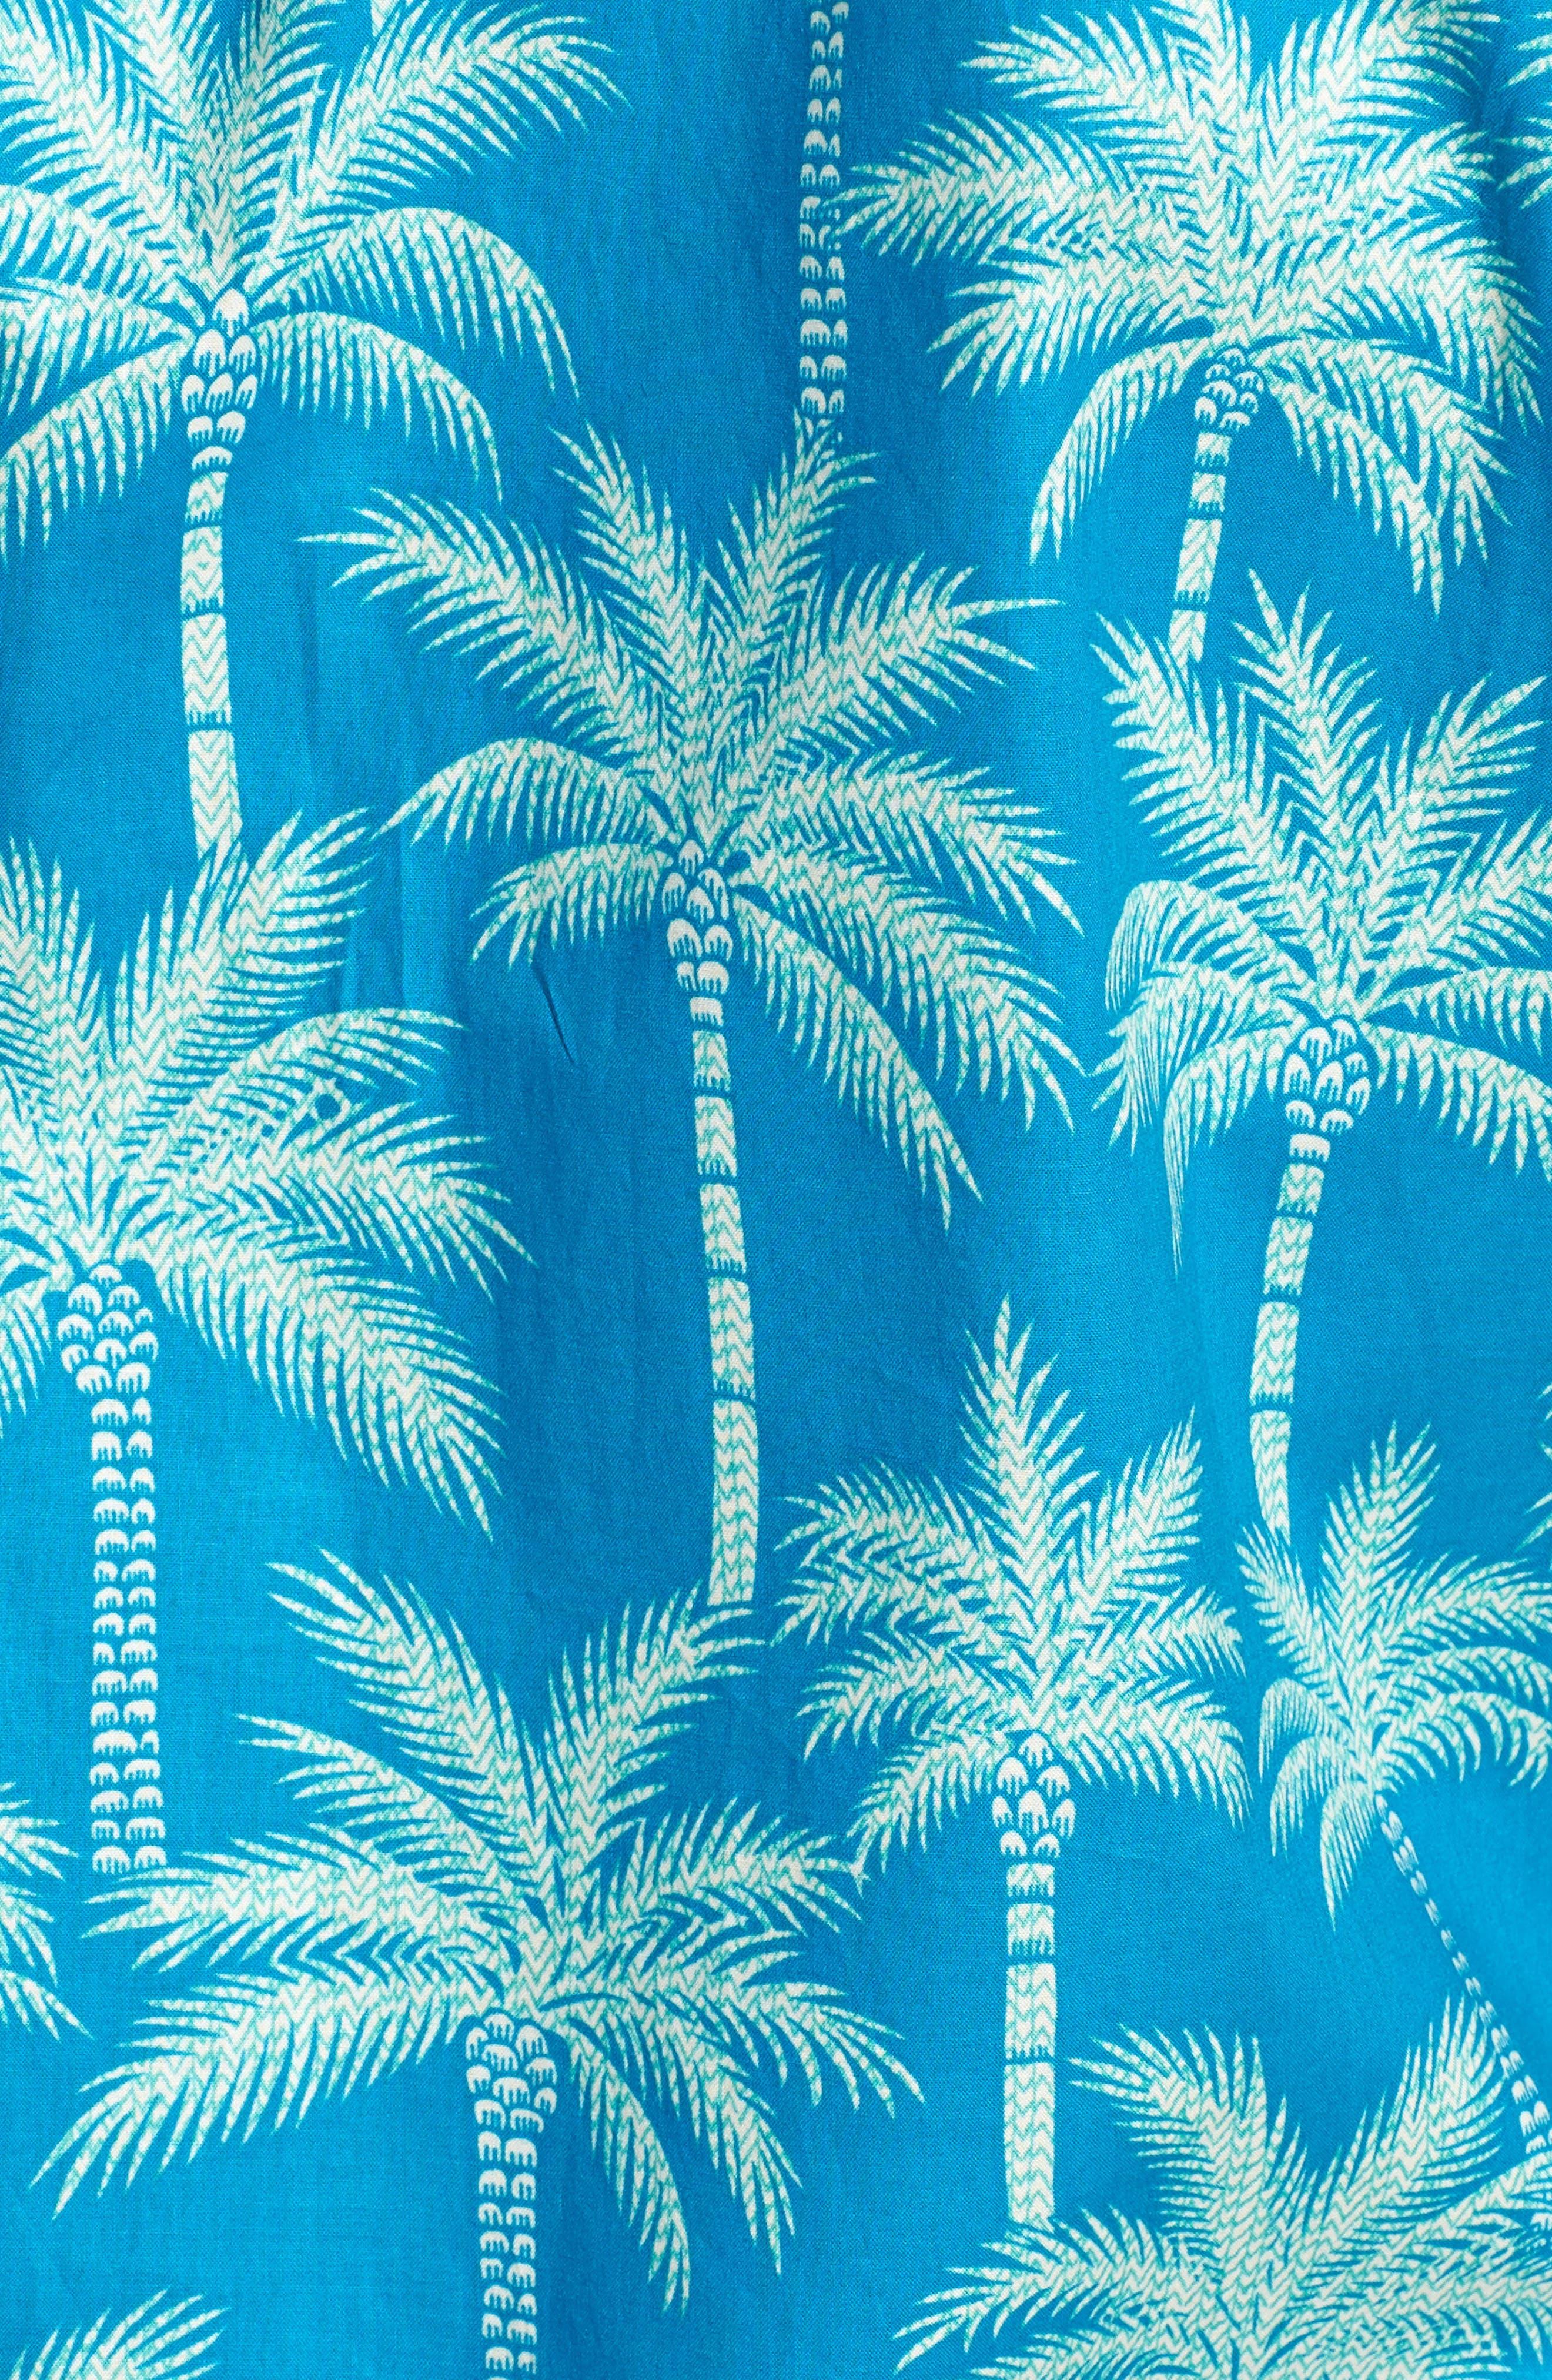 Erté Palm Camp Shirt,                             Alternate thumbnail 5, color,                             Wave